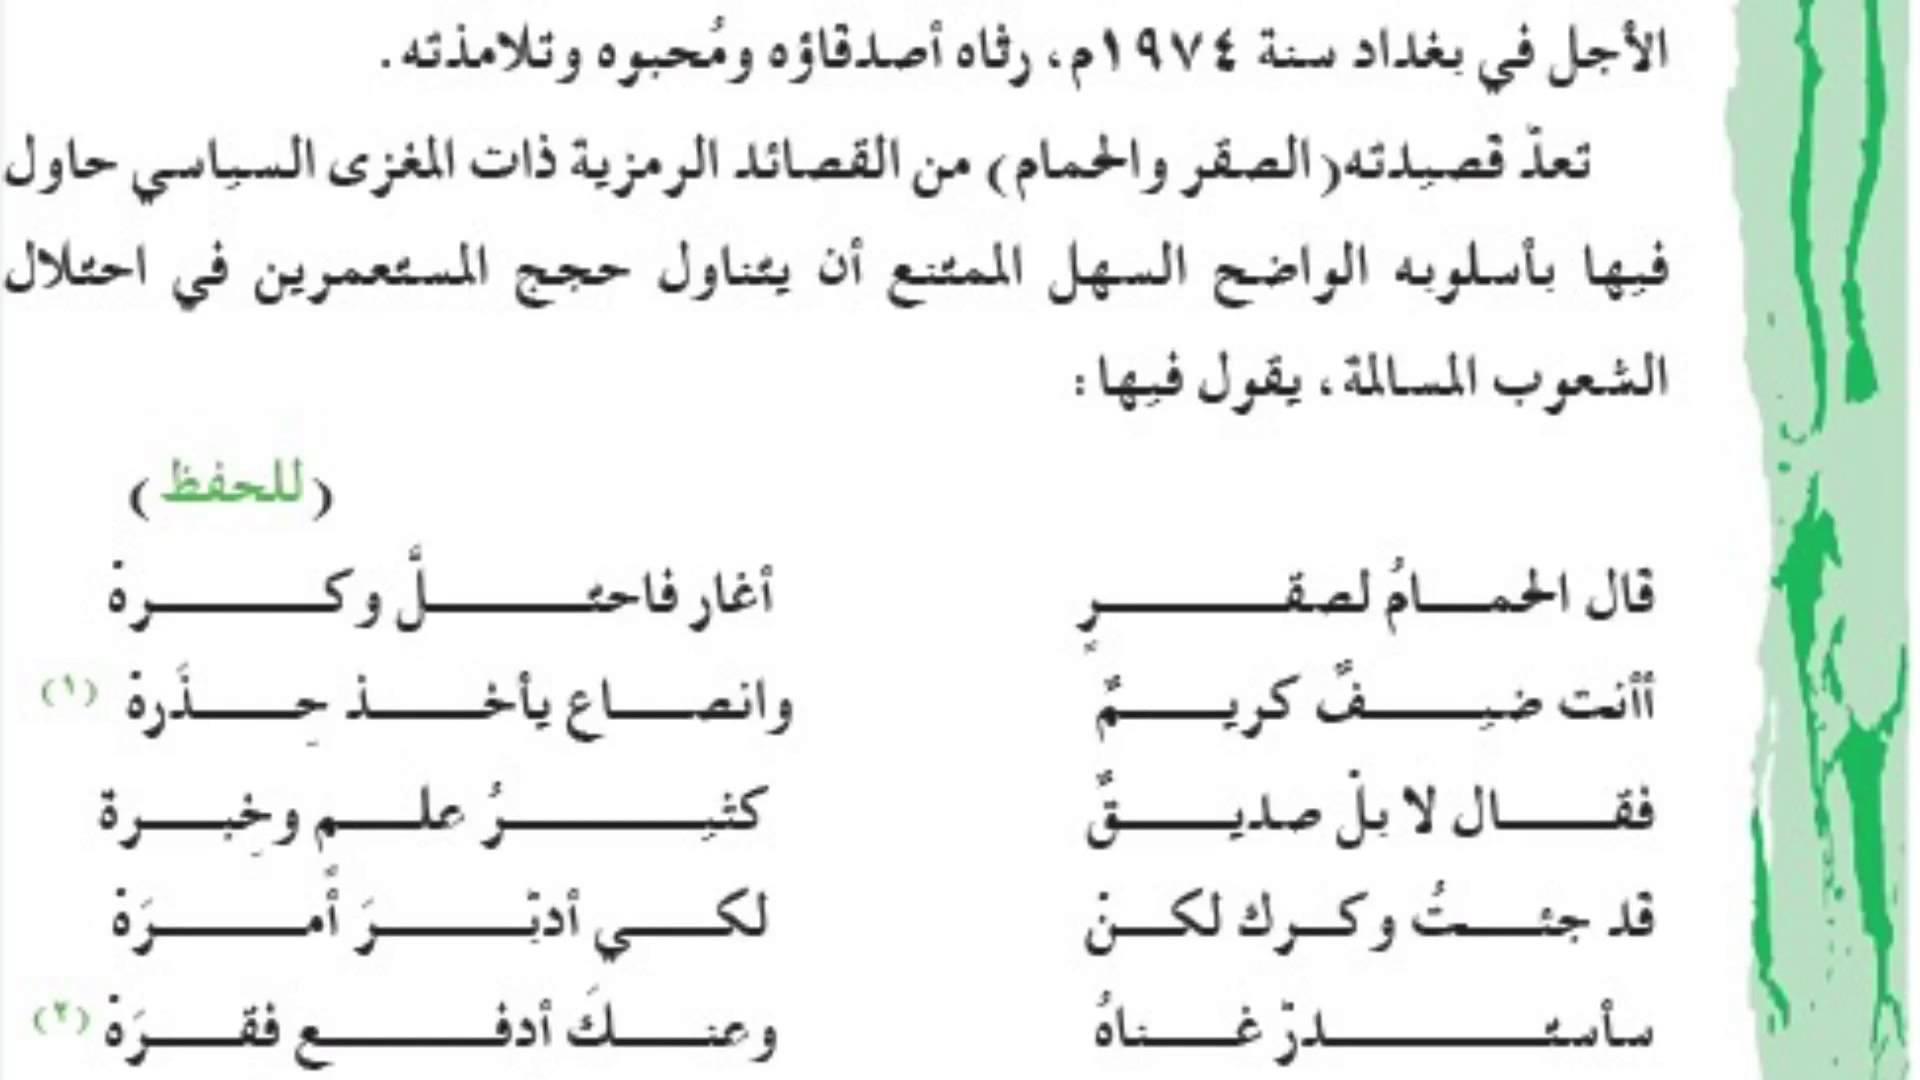 بالصور ابيات شعر قصيره حكم , شعر مثير يحتوى فى معانيه على حكم 5149 7